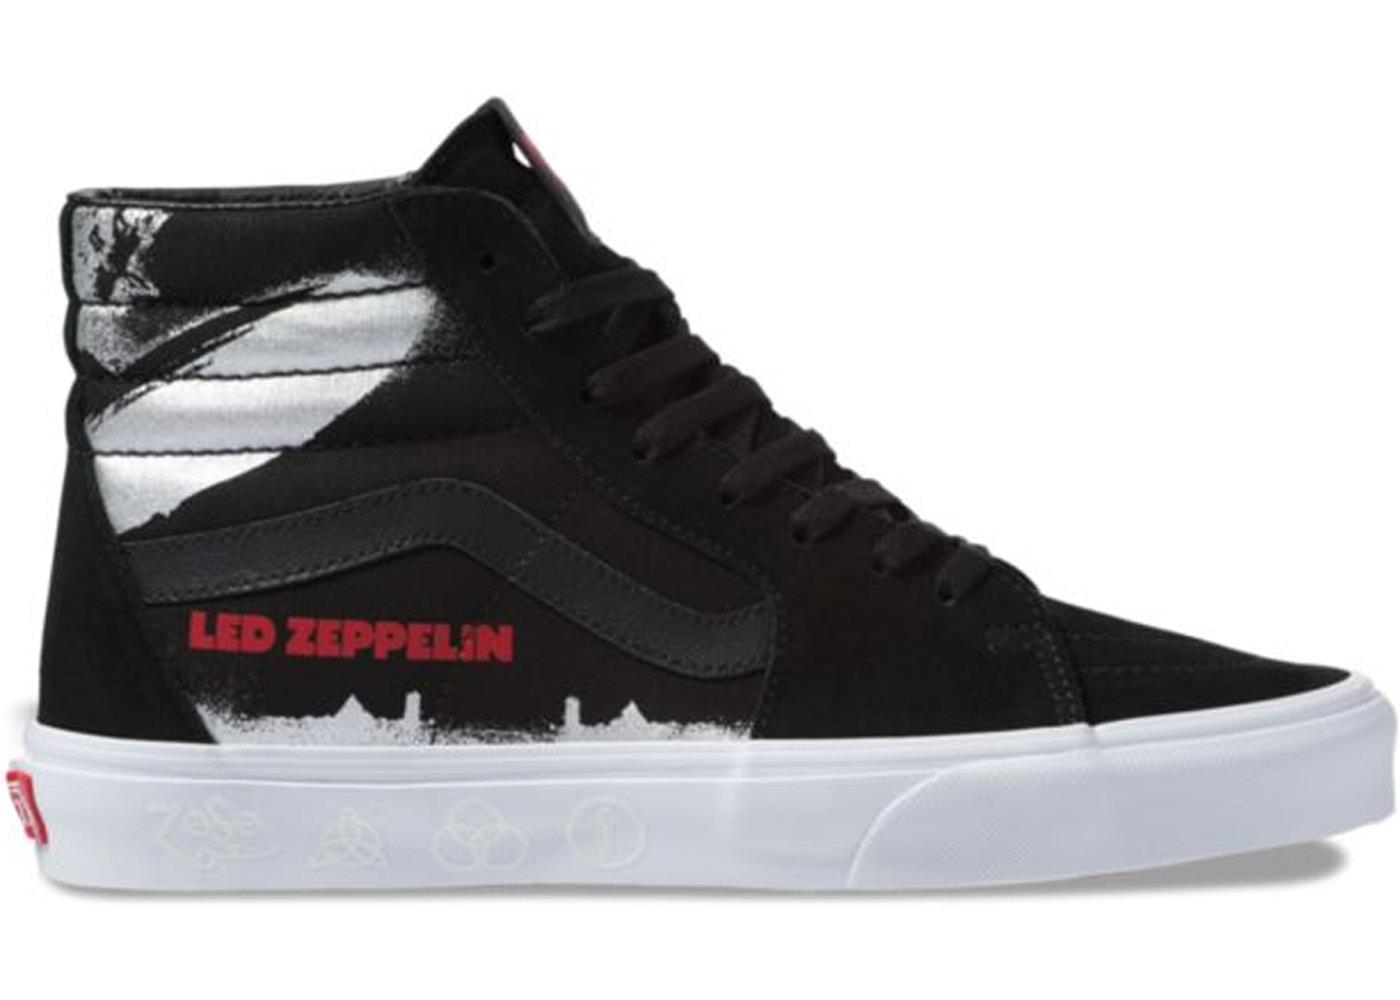 Restock: Led Zeppelin x Vans Skate